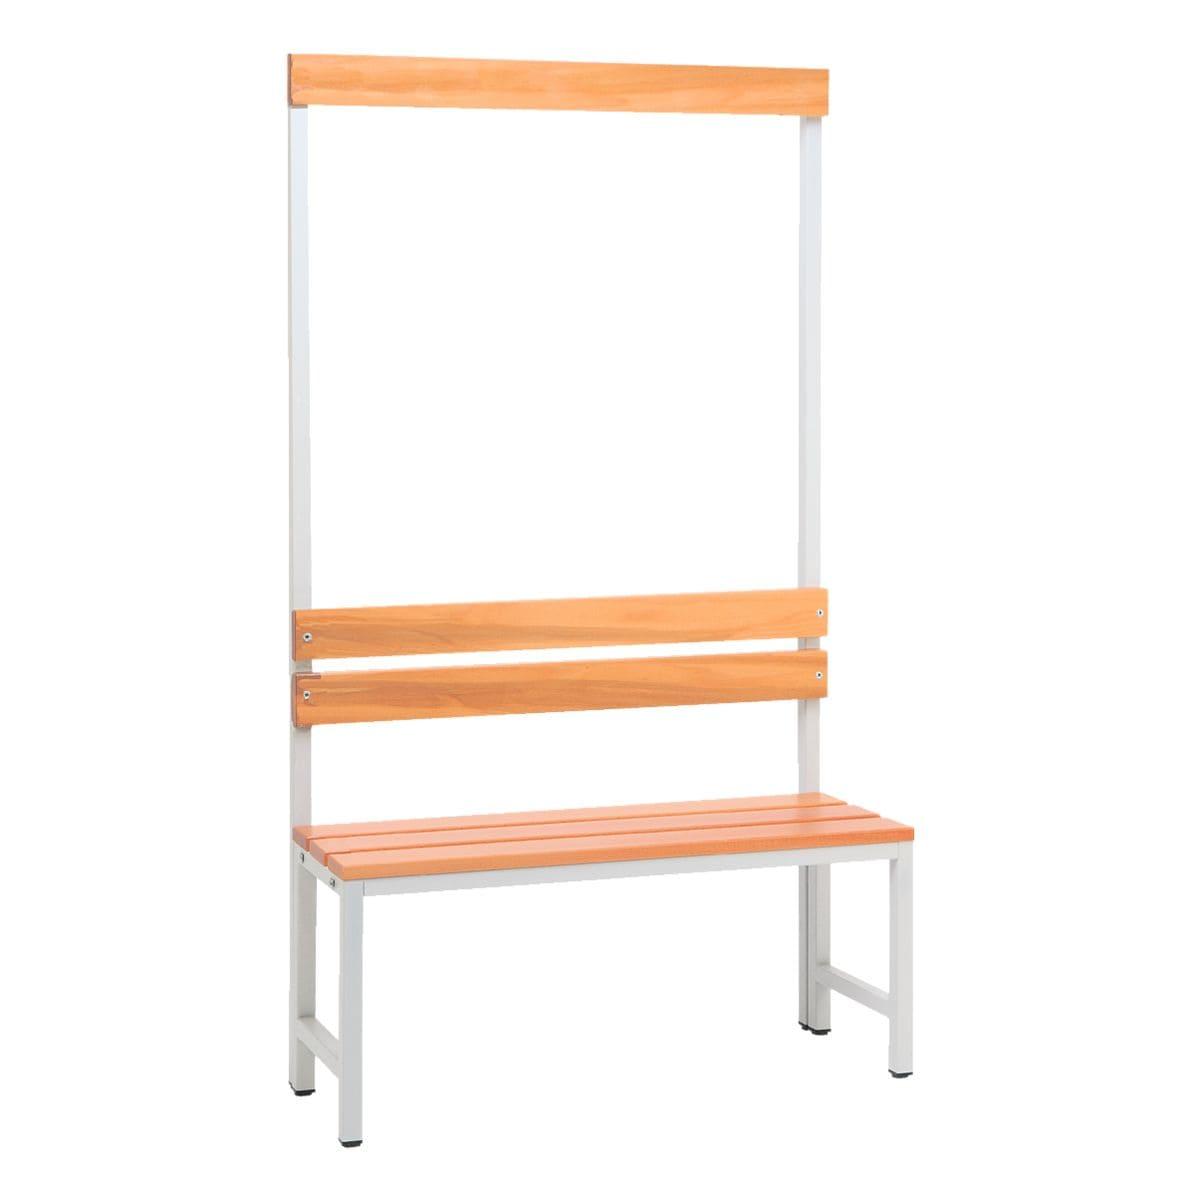 Sitzbank 1 m, mit Hakenleiste-Garderobe